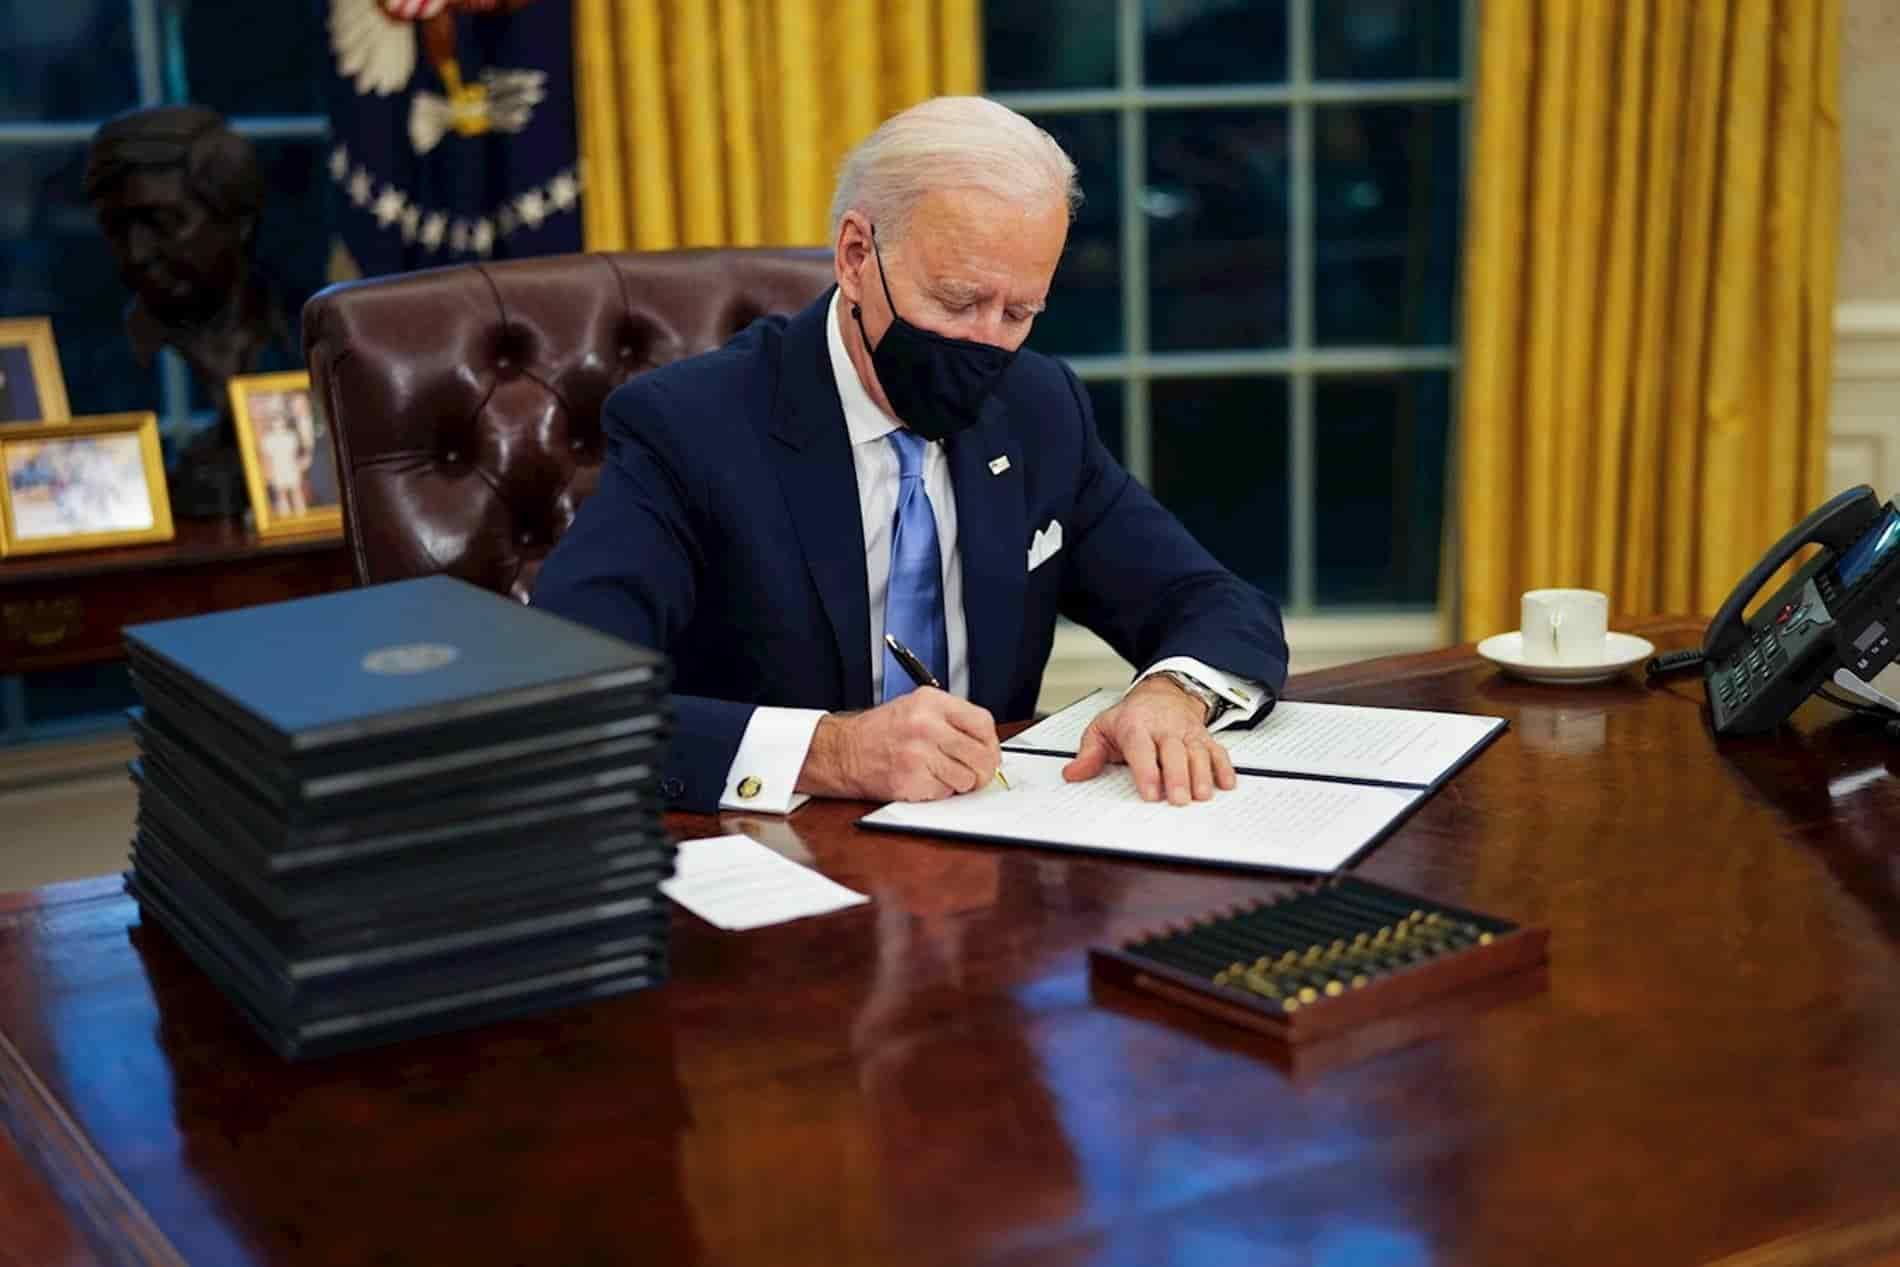 Presidente de EEUU Joe Biden revoca restricciones de Trump a la inmigración